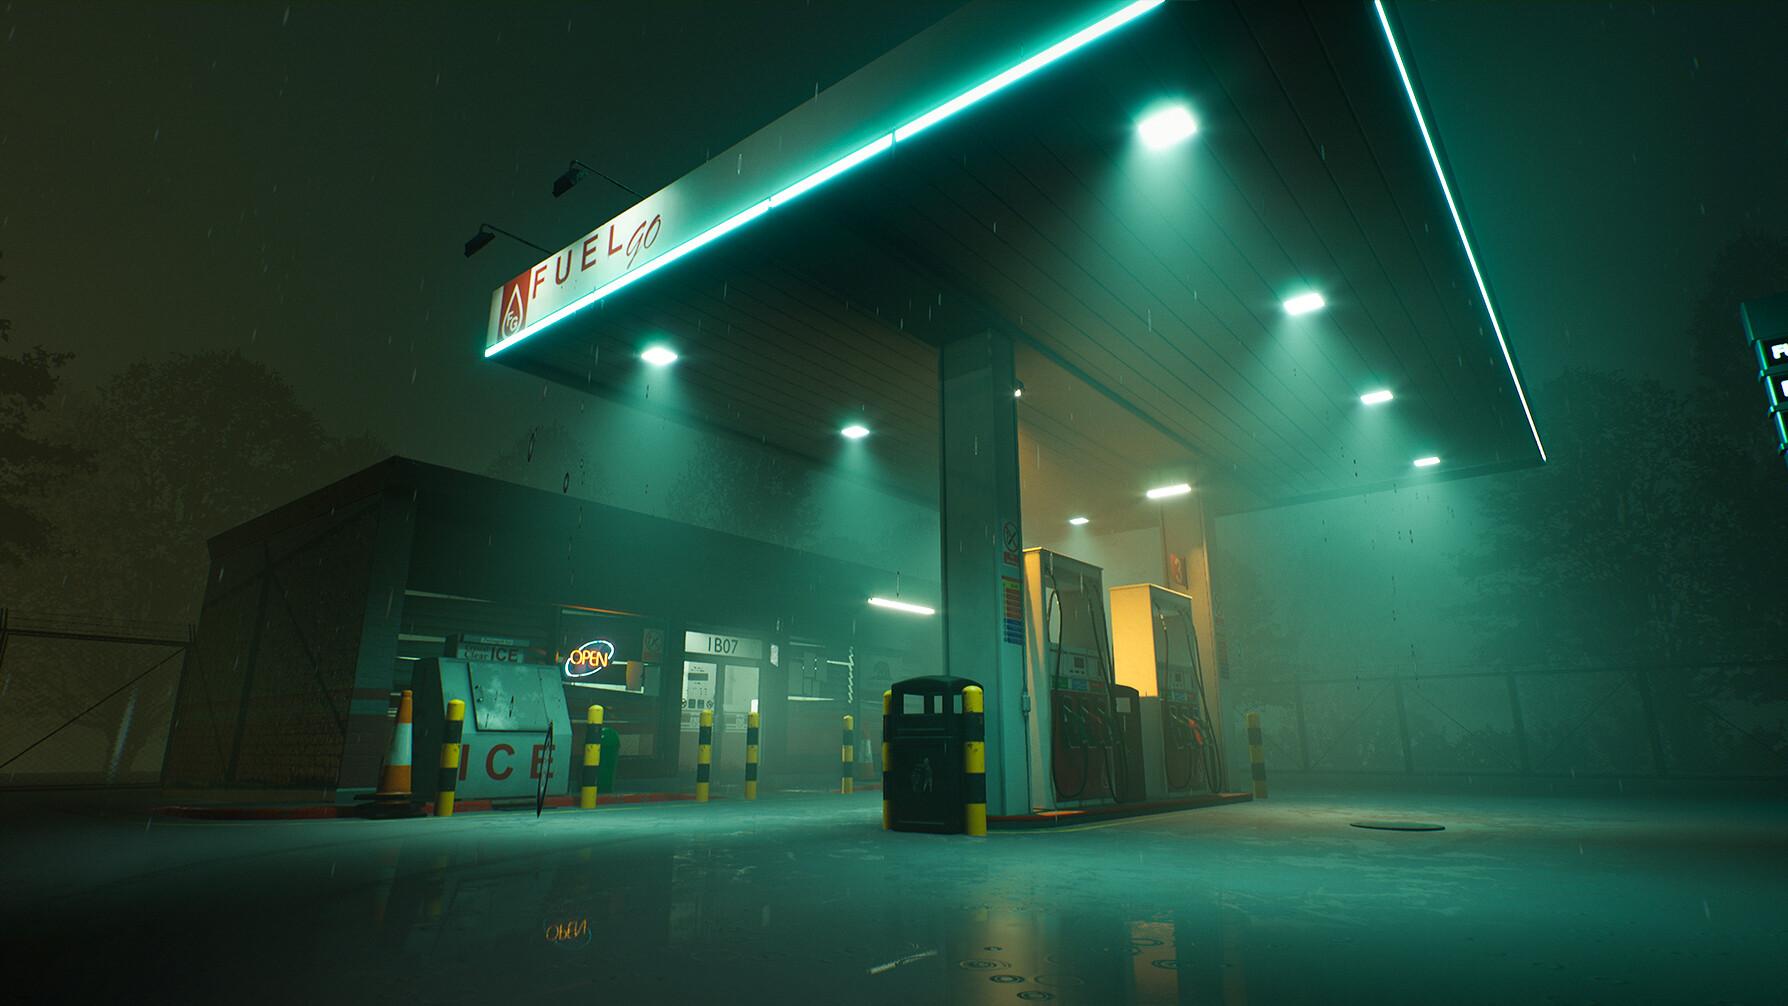 Carmen schneidereit carmenschneidereit gasstation relighting